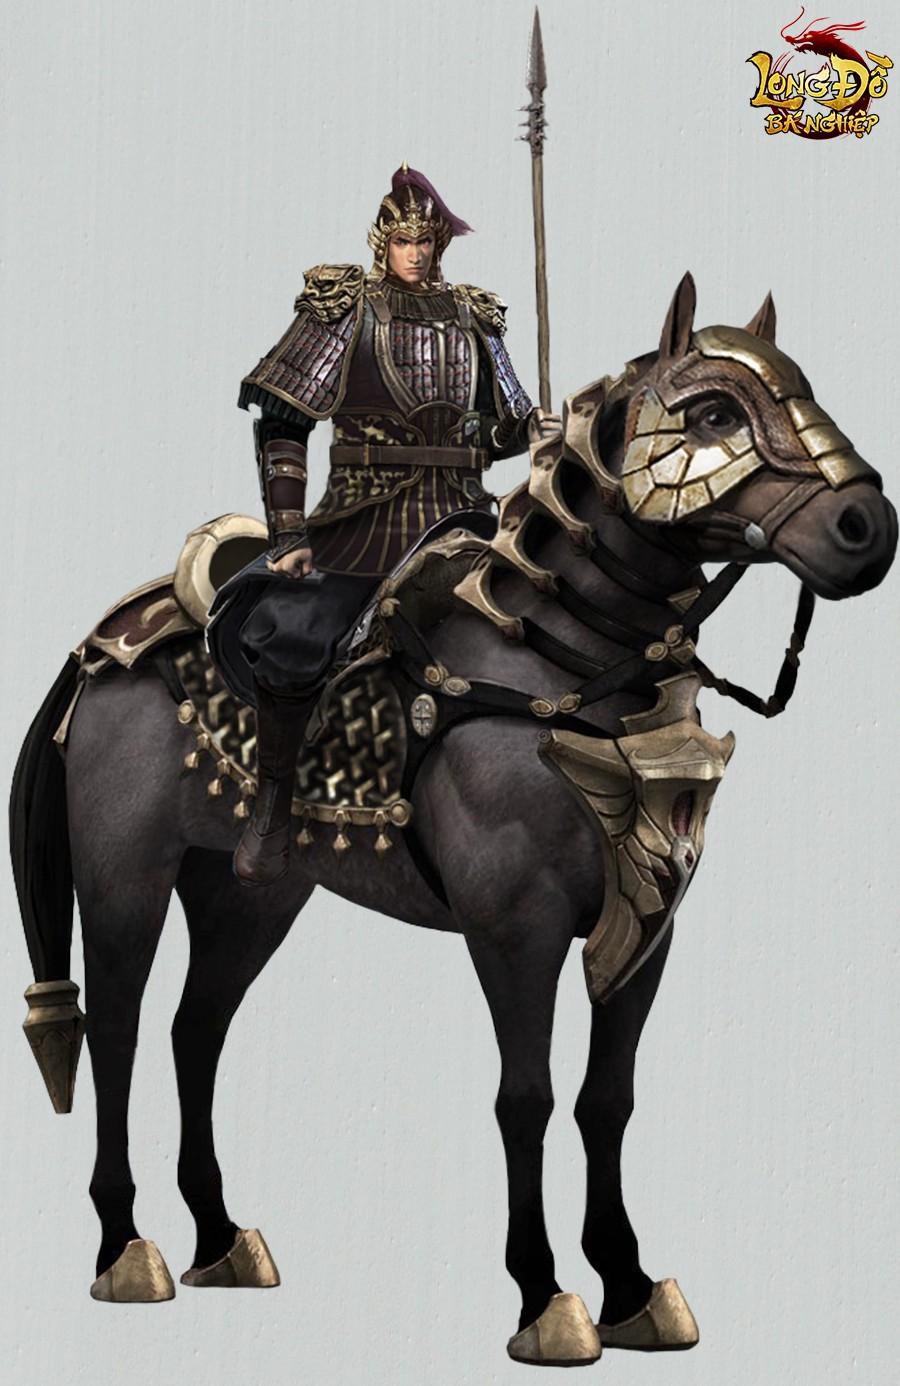 Cảm nhận của fan SLG lâu năm: Long Đồ Bá Nghiệp đã đưa điều binh khiển tướng lên tầm nghệ thuật - Ảnh 12.